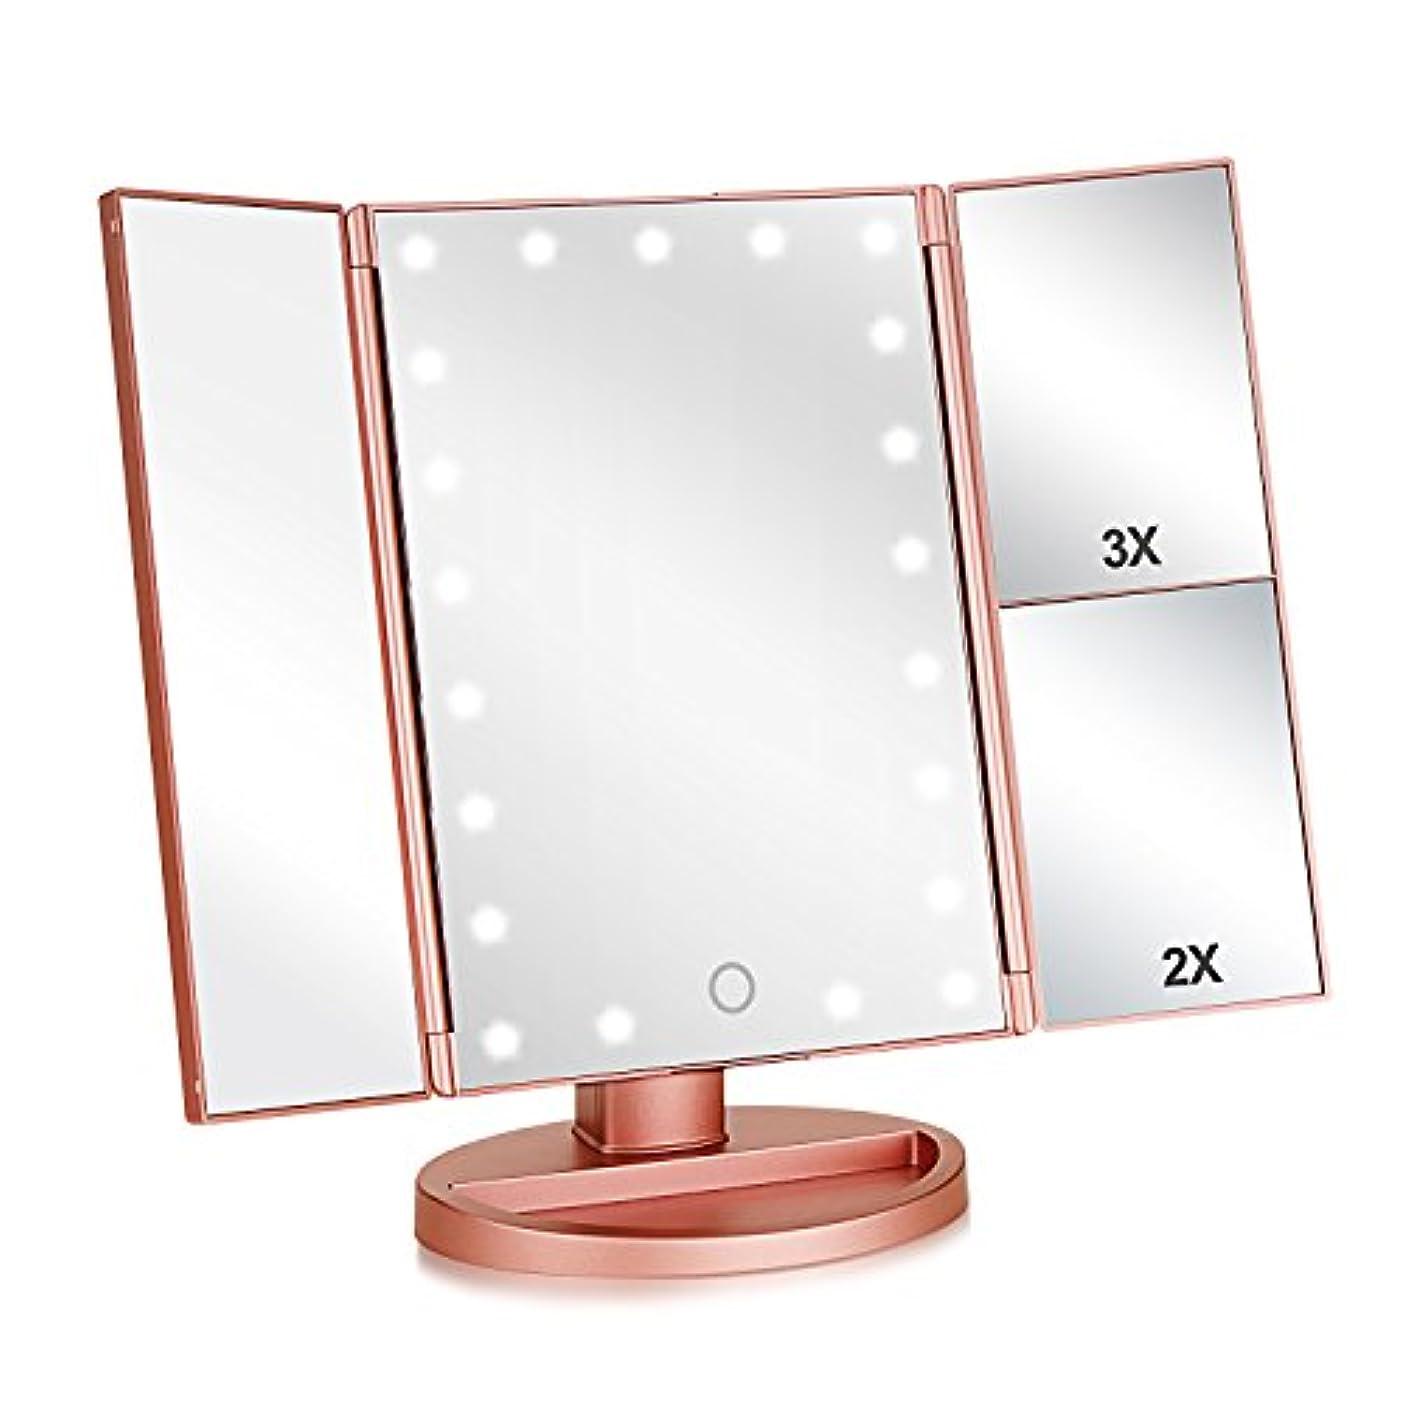 バリケード抵当確実Wudeweike 3倍/ 2倍/ 1倍 倍率21leds光とタッチスクリーン180度自由に回転カウンター化粧鏡トラベル化粧鏡と照明付き洗面化粧台化粧鏡を三つ折り ローズゴールド